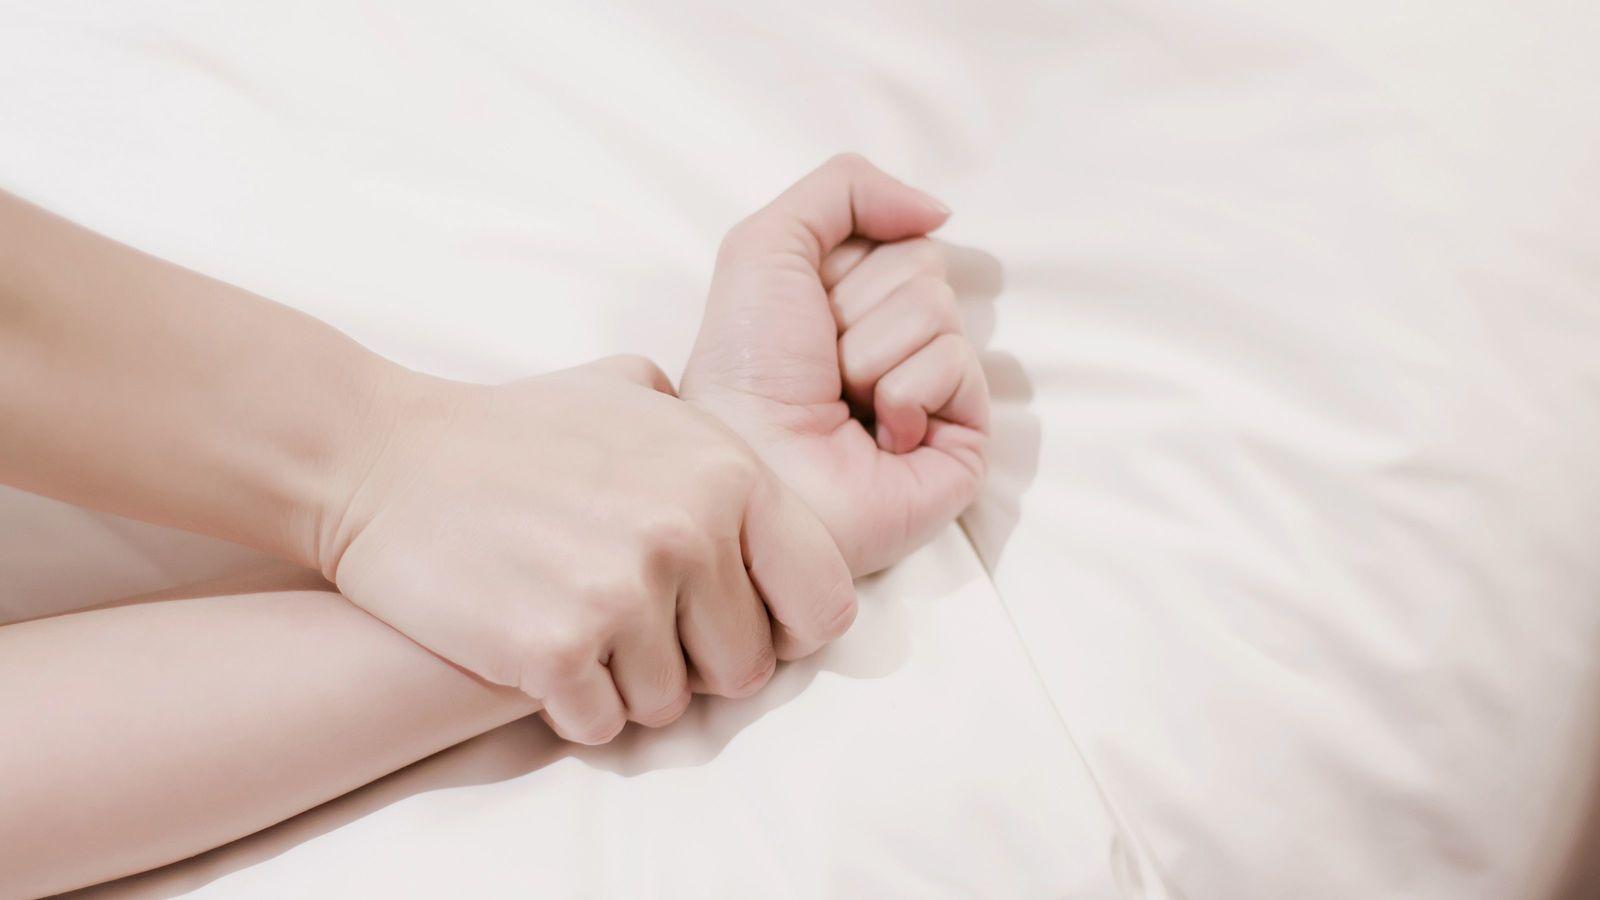 """""""無理やり性交&動画撮影""""が不起訴となる理由 強制性交にも準強制性交にも不該当"""